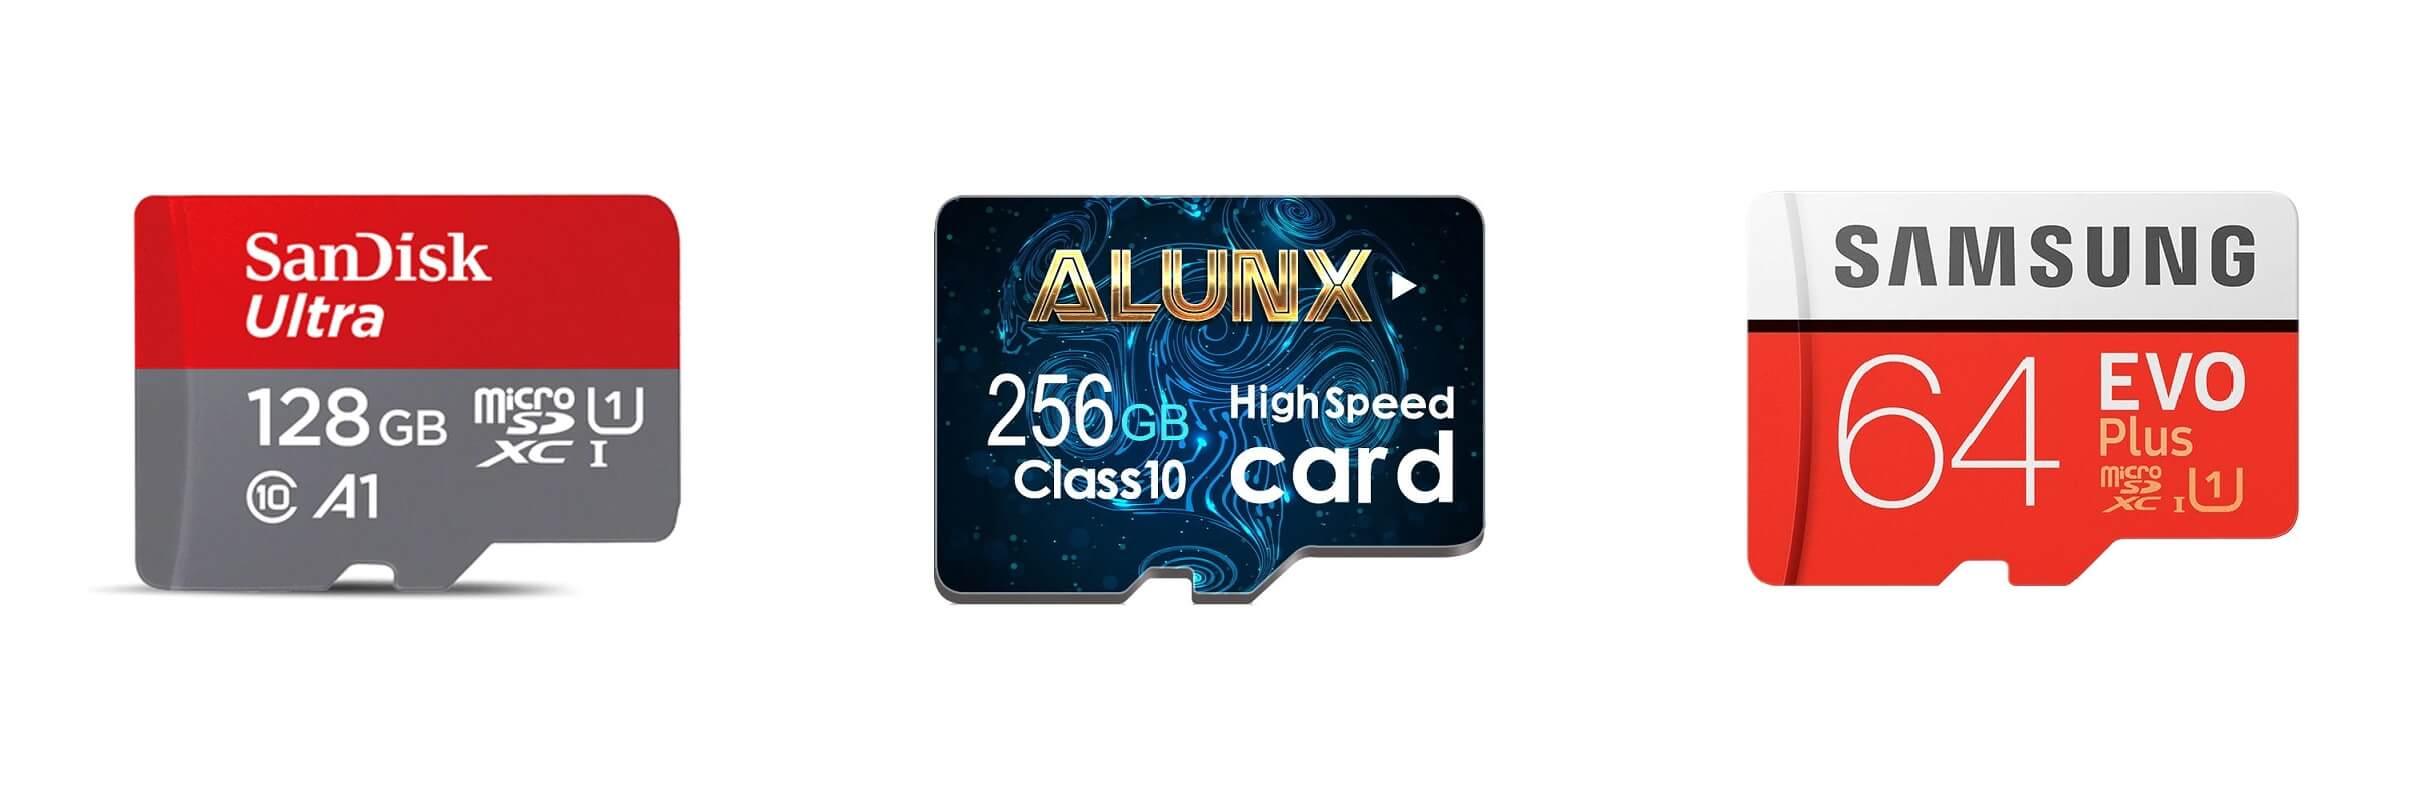 ТОП-10 карт памяти с Алиэкспресс с Алиэкспресс